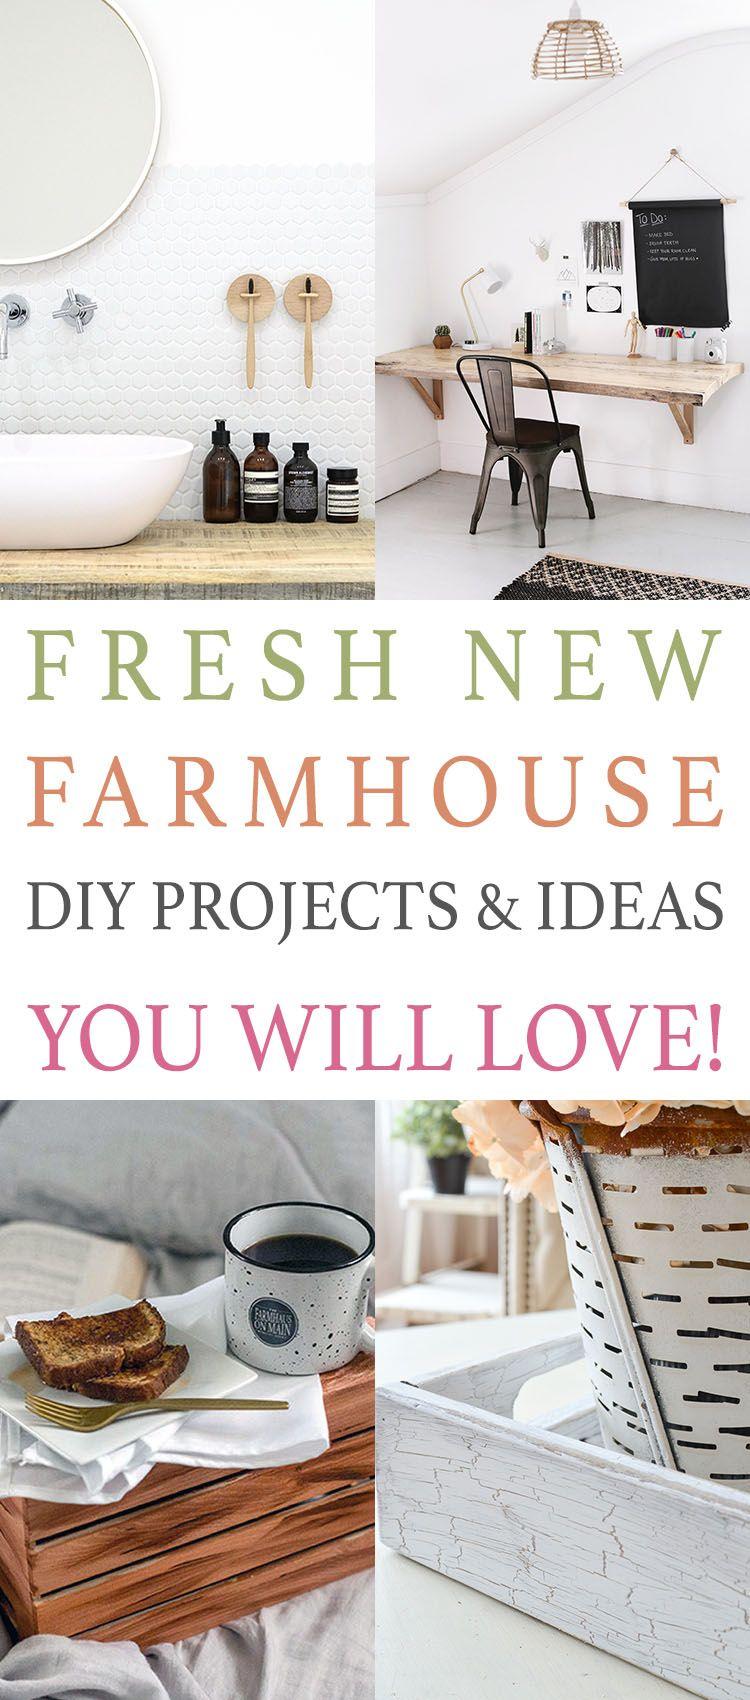 Farmhouse Decor Clean Crisp Organized Farmhouse: Fresh New Farmhouse DIY Projects And Ideas You Will Love